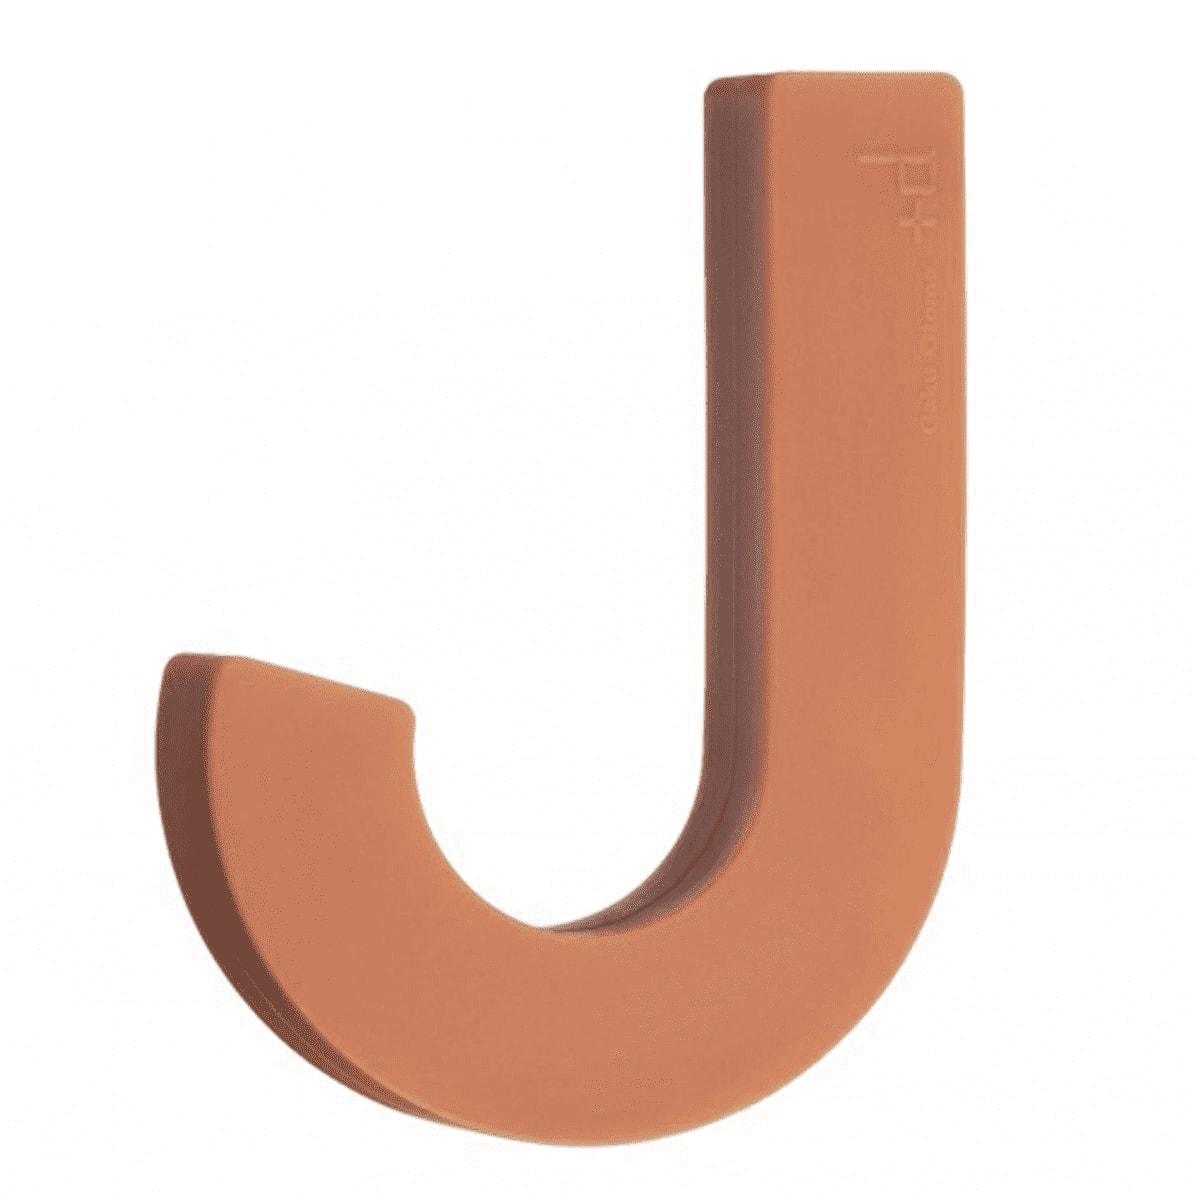 Patère design souple en silicone orange